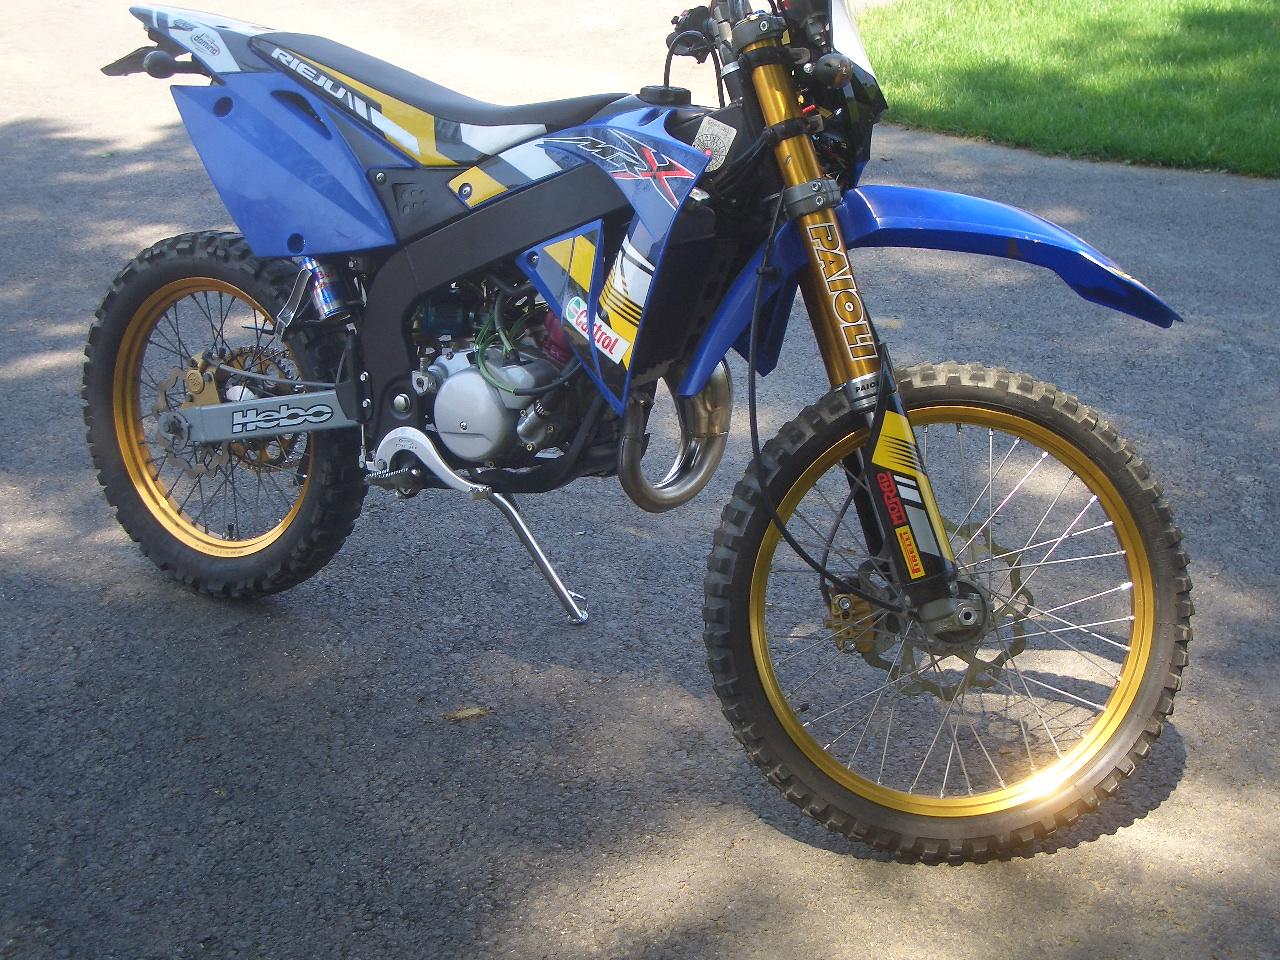 MRX 50 TOP Bj. 2005